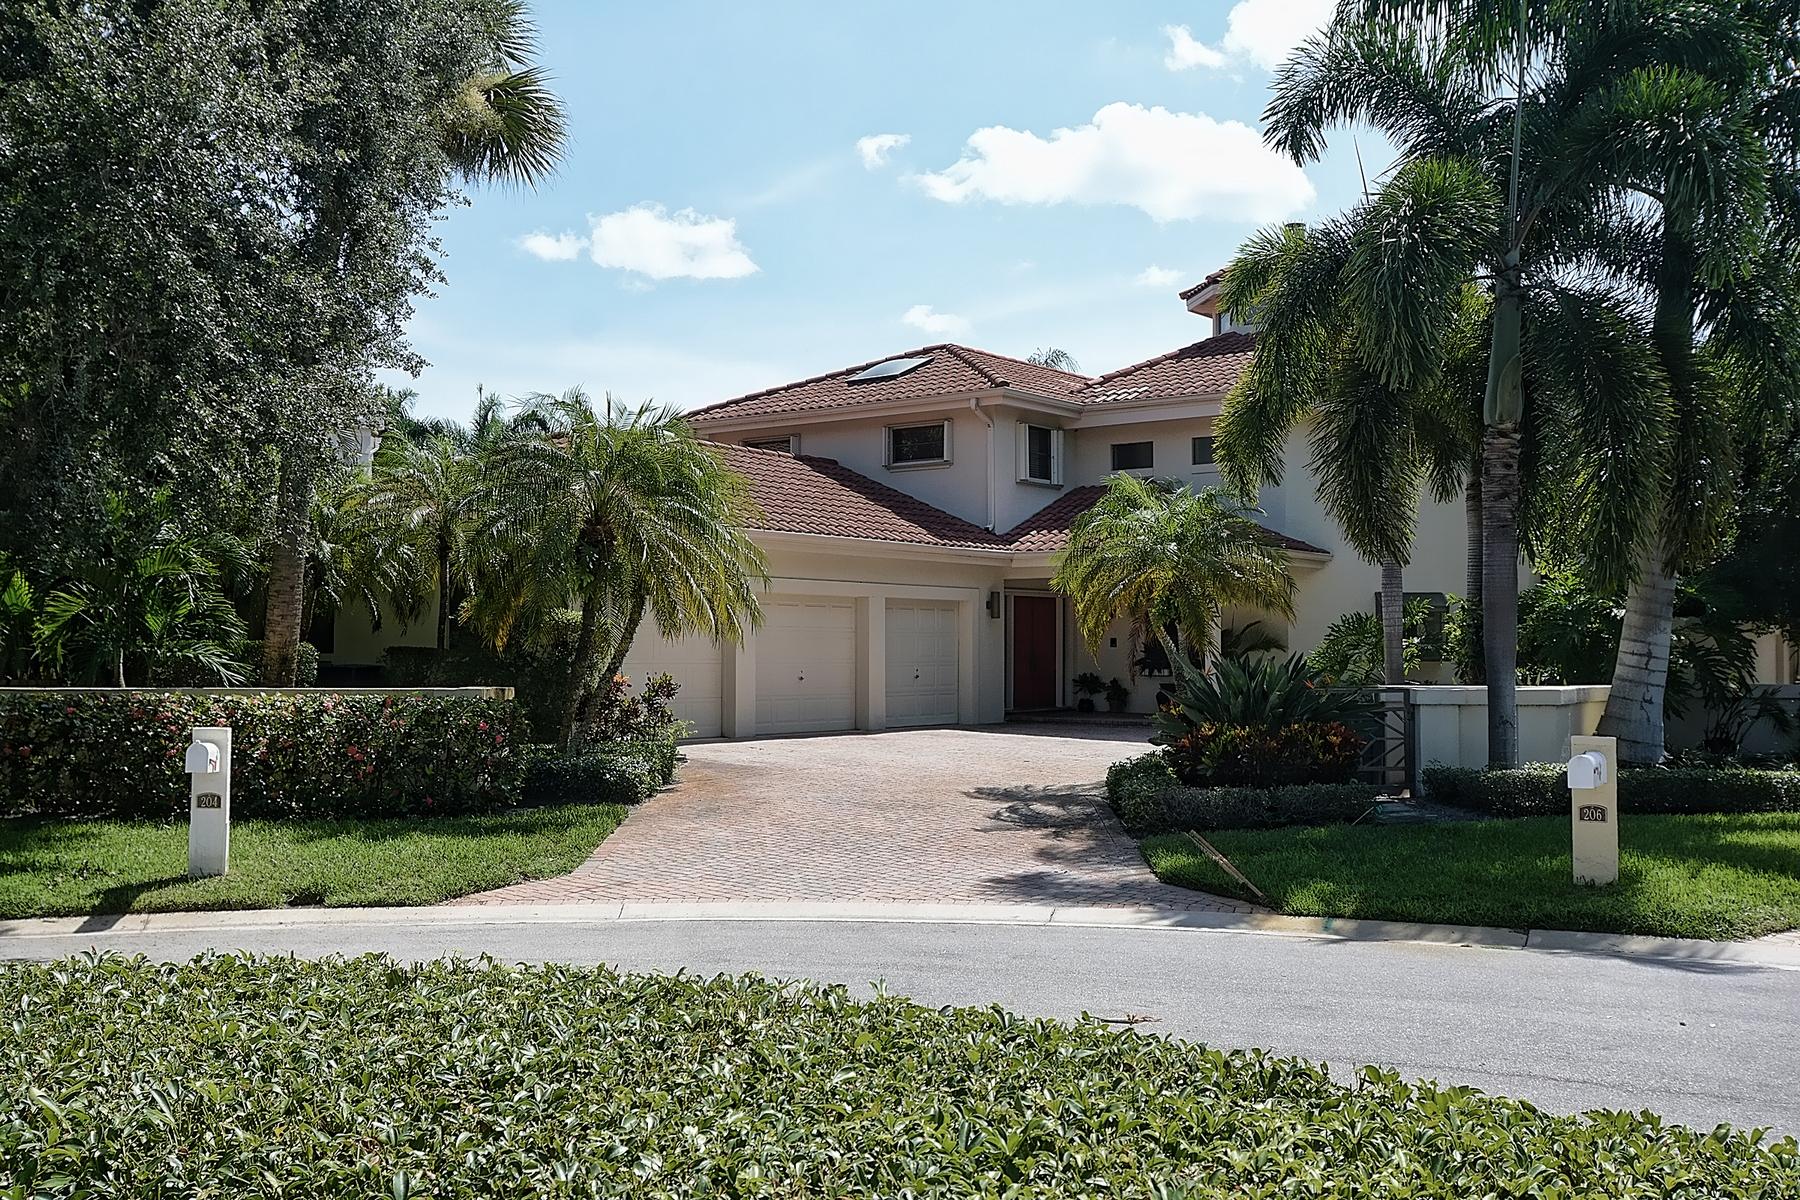 단독 가정 주택 용 매매 에 204 Chinook Lane The Loxahatchee Club, Jupiter, 플로리다 33458 미국